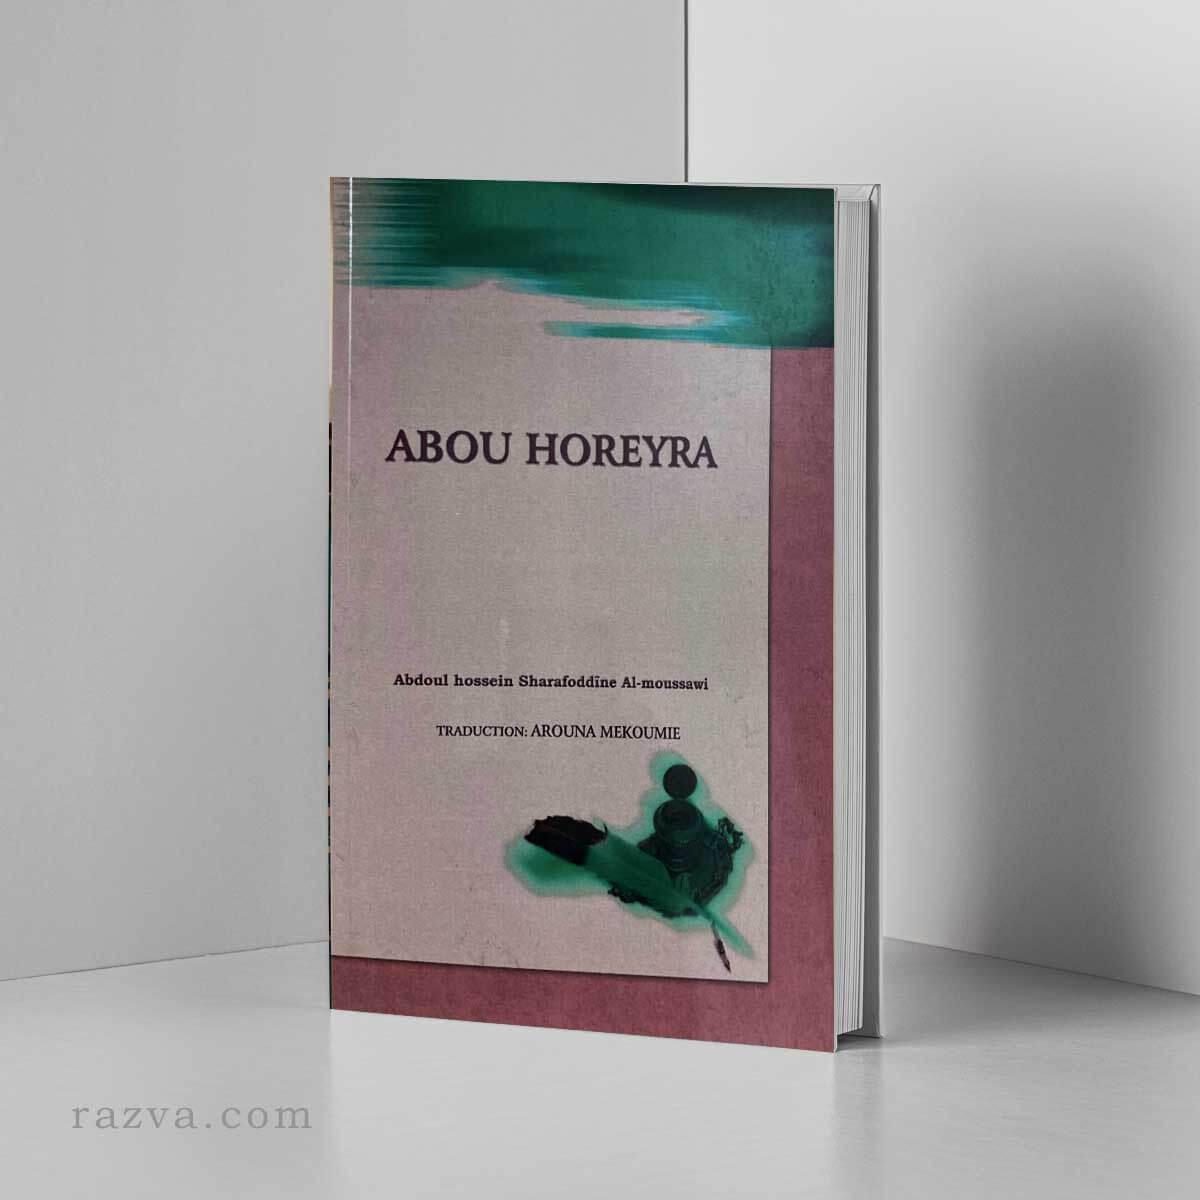 Abou Horeyra